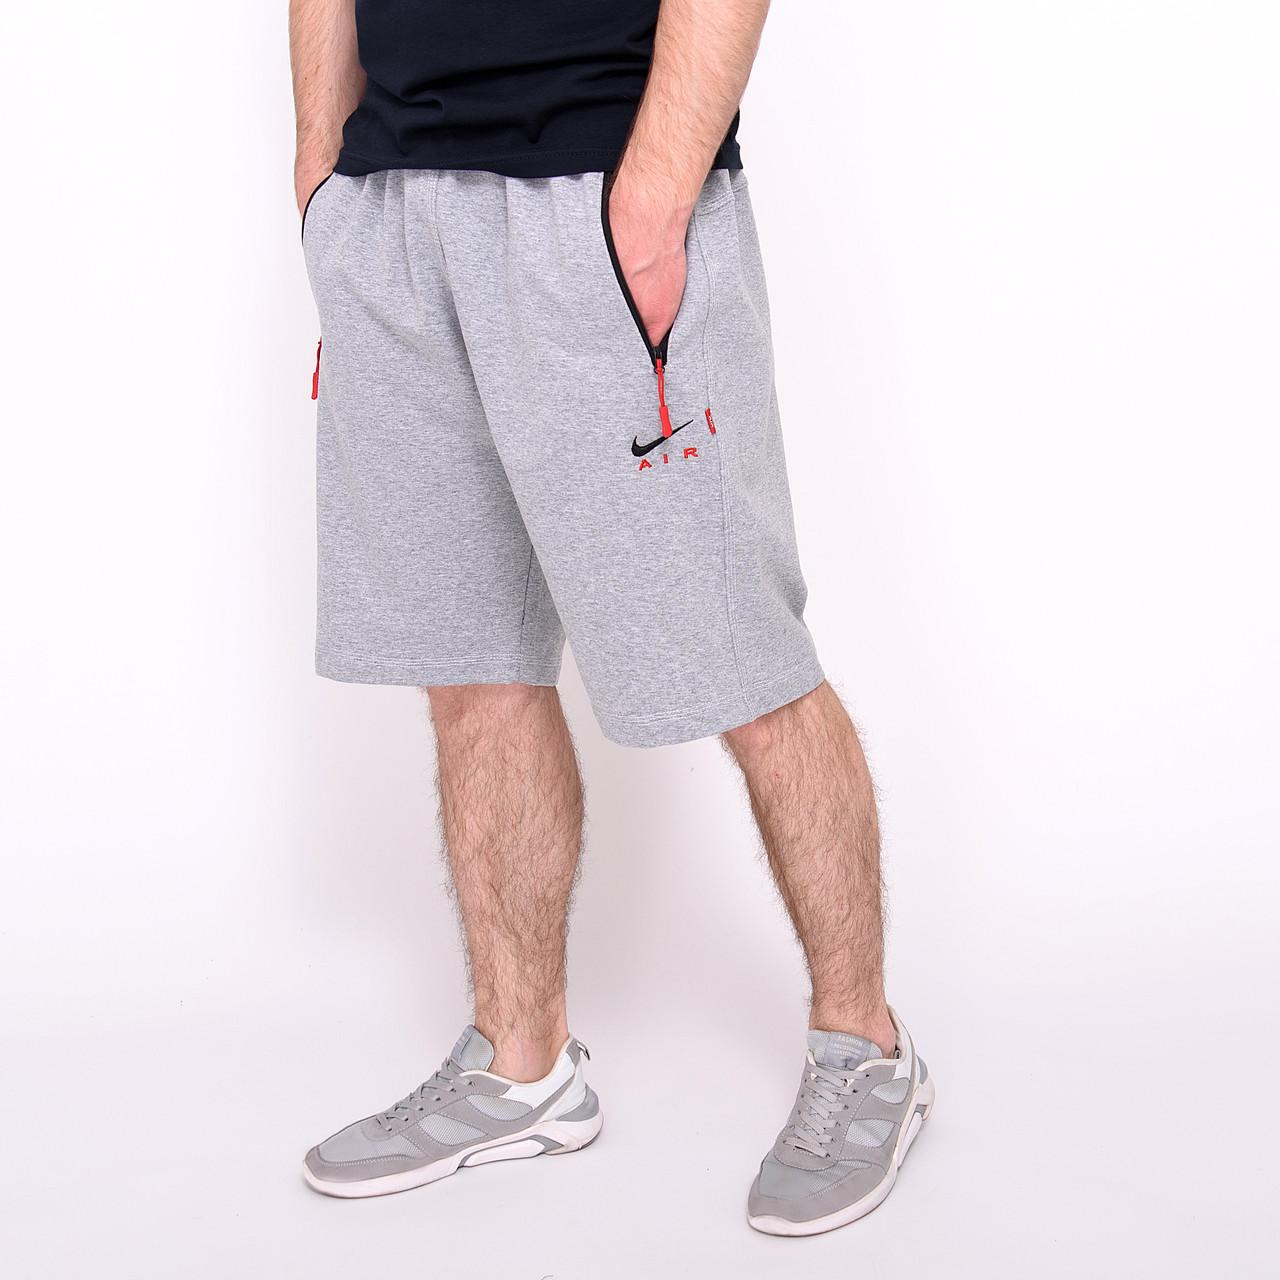 Чоловічі трикотажні шорти Nike, світло-сірого кольорую великого розміру